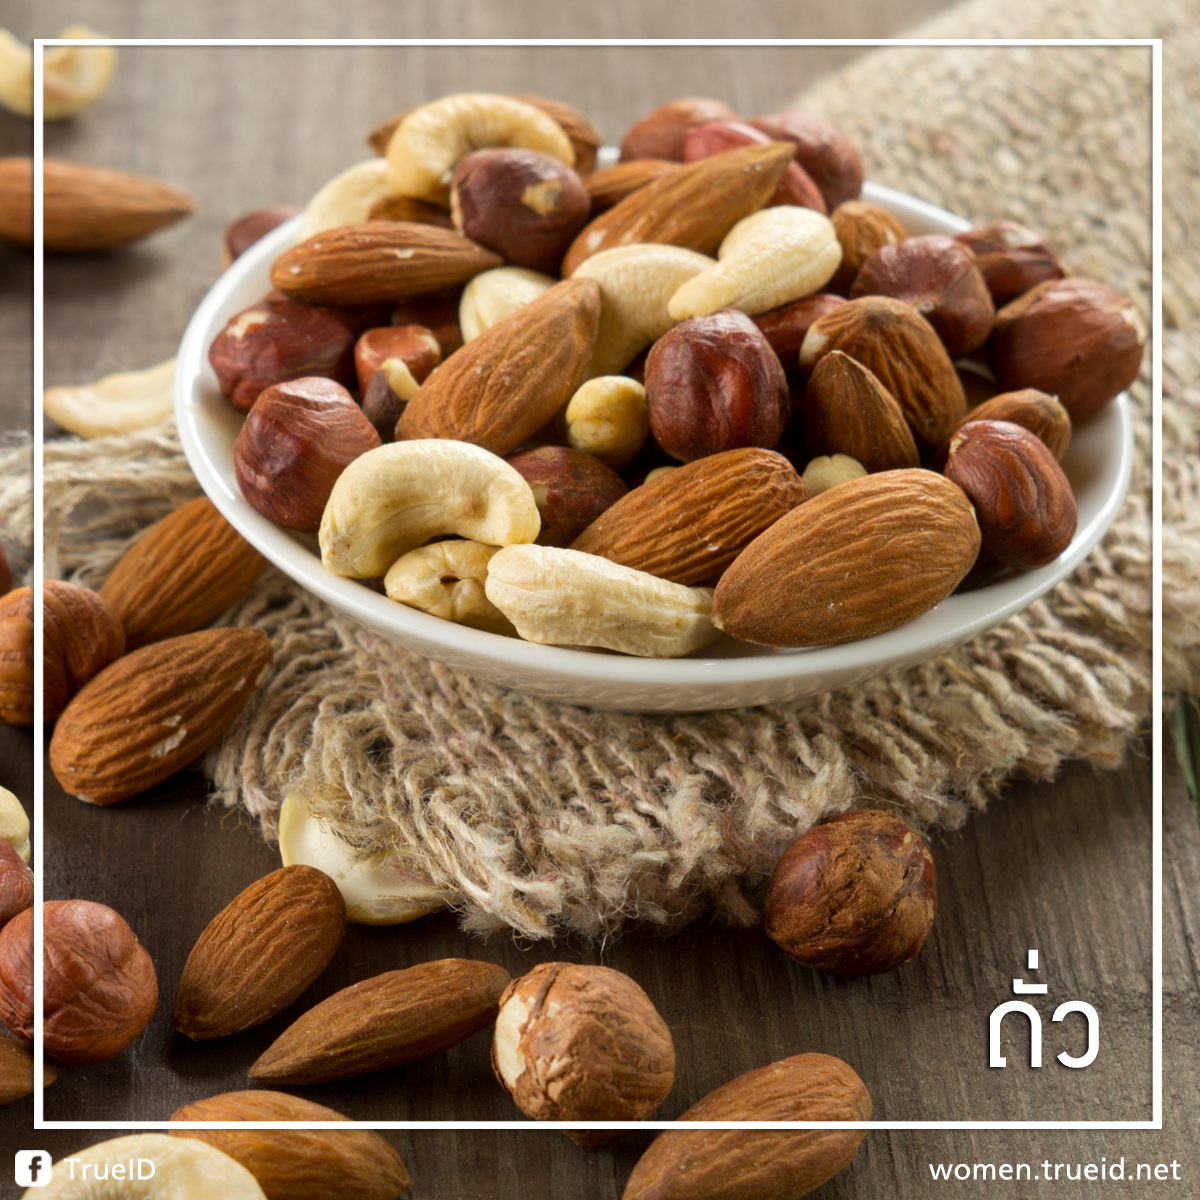 5 อาหารโปรตีน เพิ่มการเผาผลาญพลังงาน ทานควบคู่กับลดน้ำหนัก เวิร์ค!